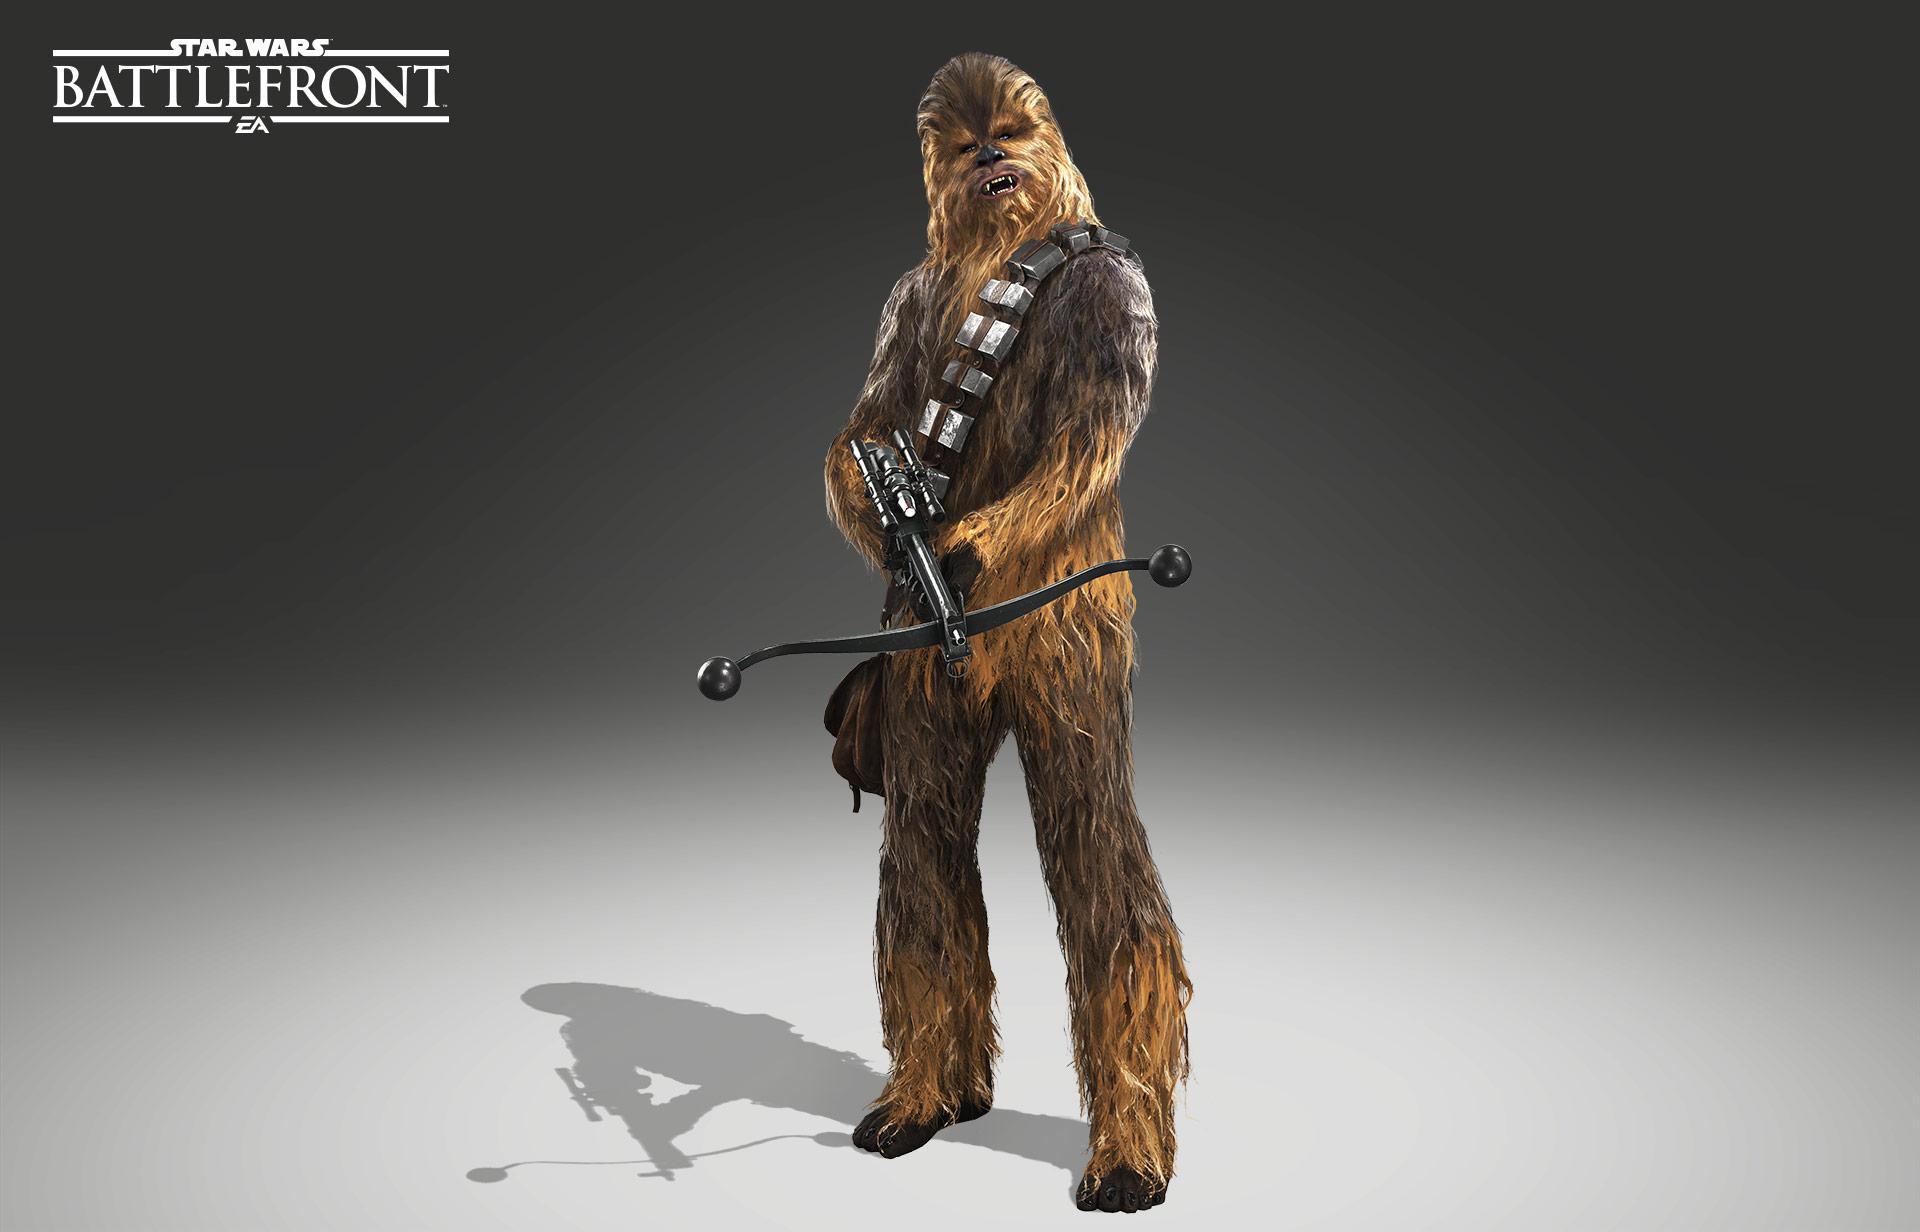 Wookiee (species)